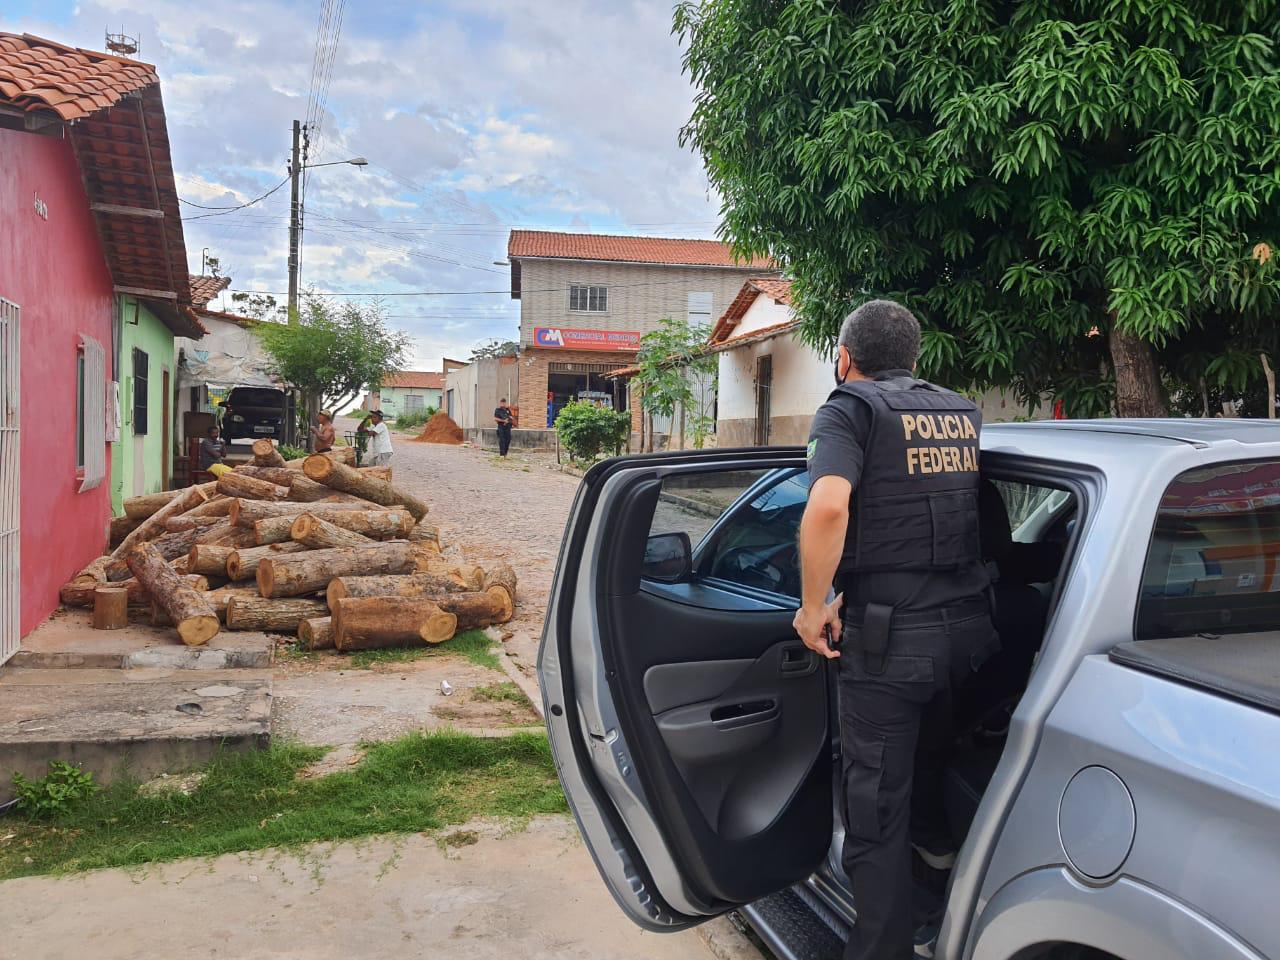 Polícia Federal deflgara operaçao contra facçoes no MA